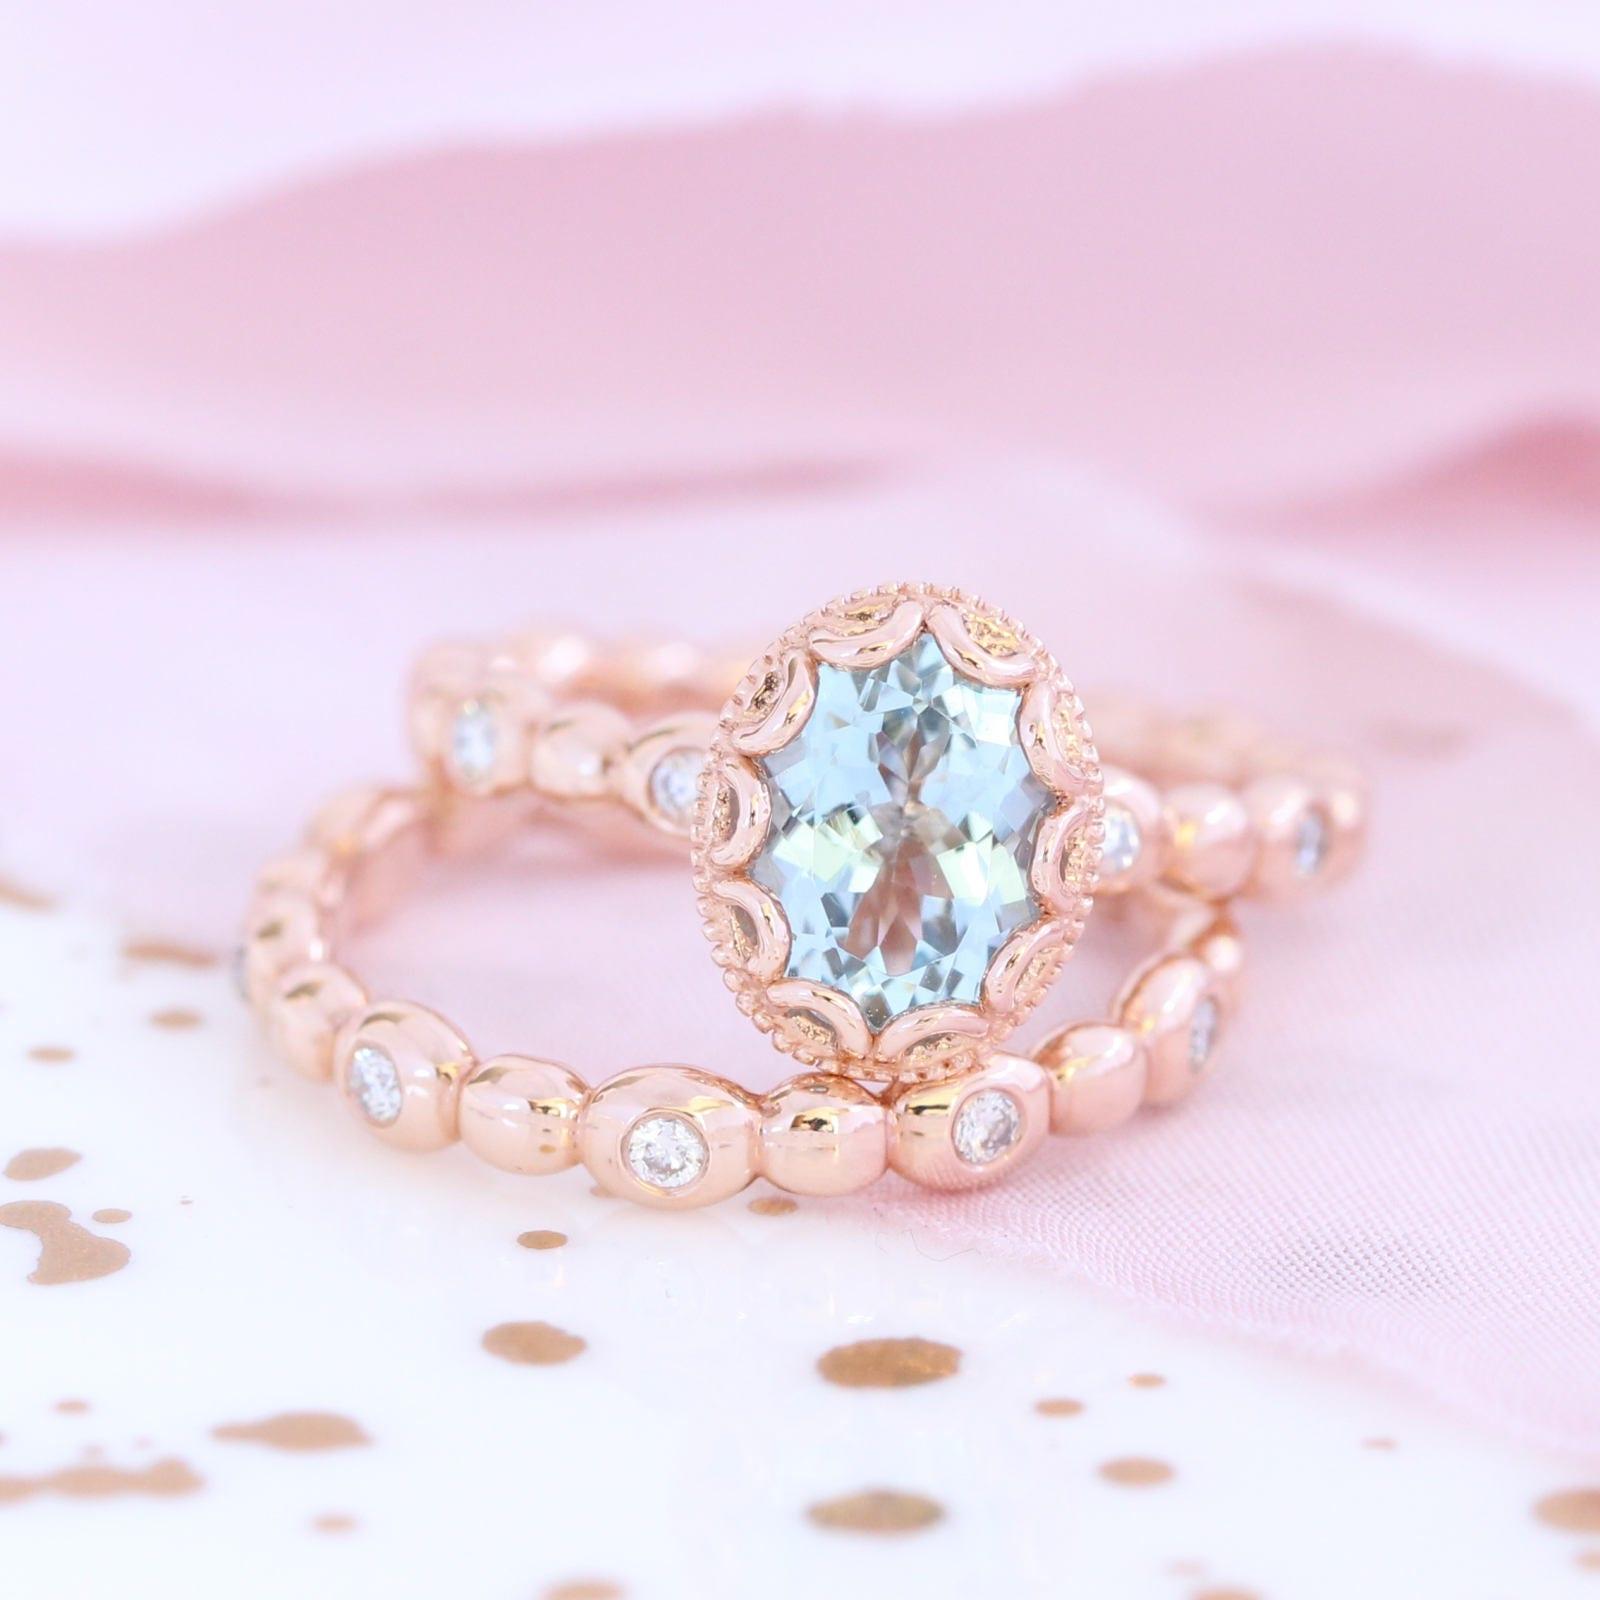 14k Rose Gold Floral Wedding Ring Bridal Set 8x6mm Oval